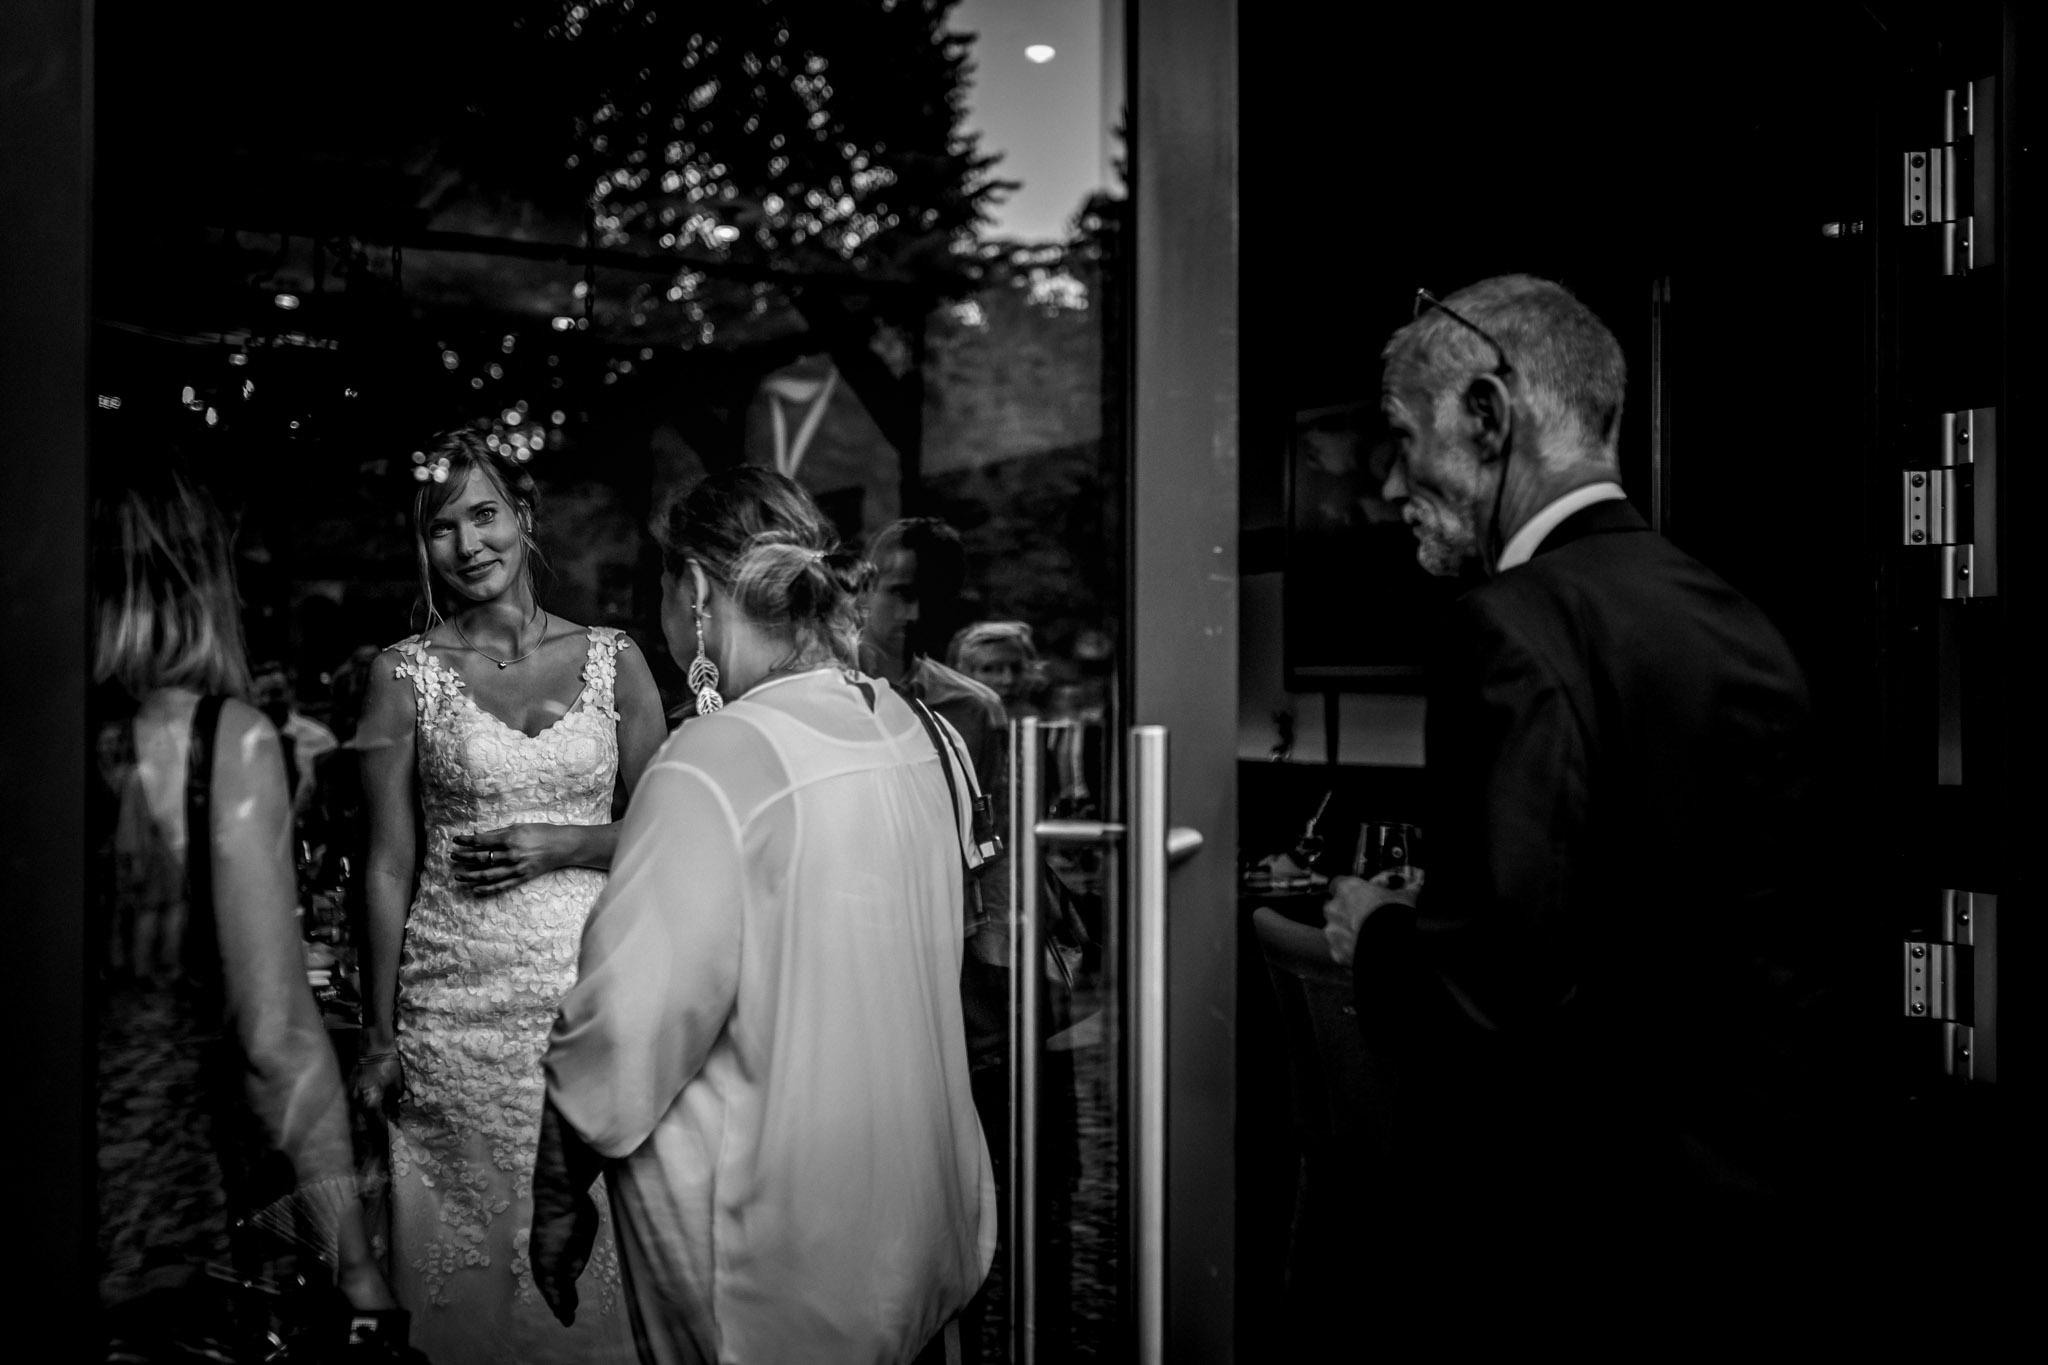 Sven Schomburg Hochzeitsfotografie, Hamburg, Mölln, Hochzeitsfieber by Photo-Schomburg, Hochzeitsreportage, Forsthaus Waldhusen, Braut, Bräutigam-79